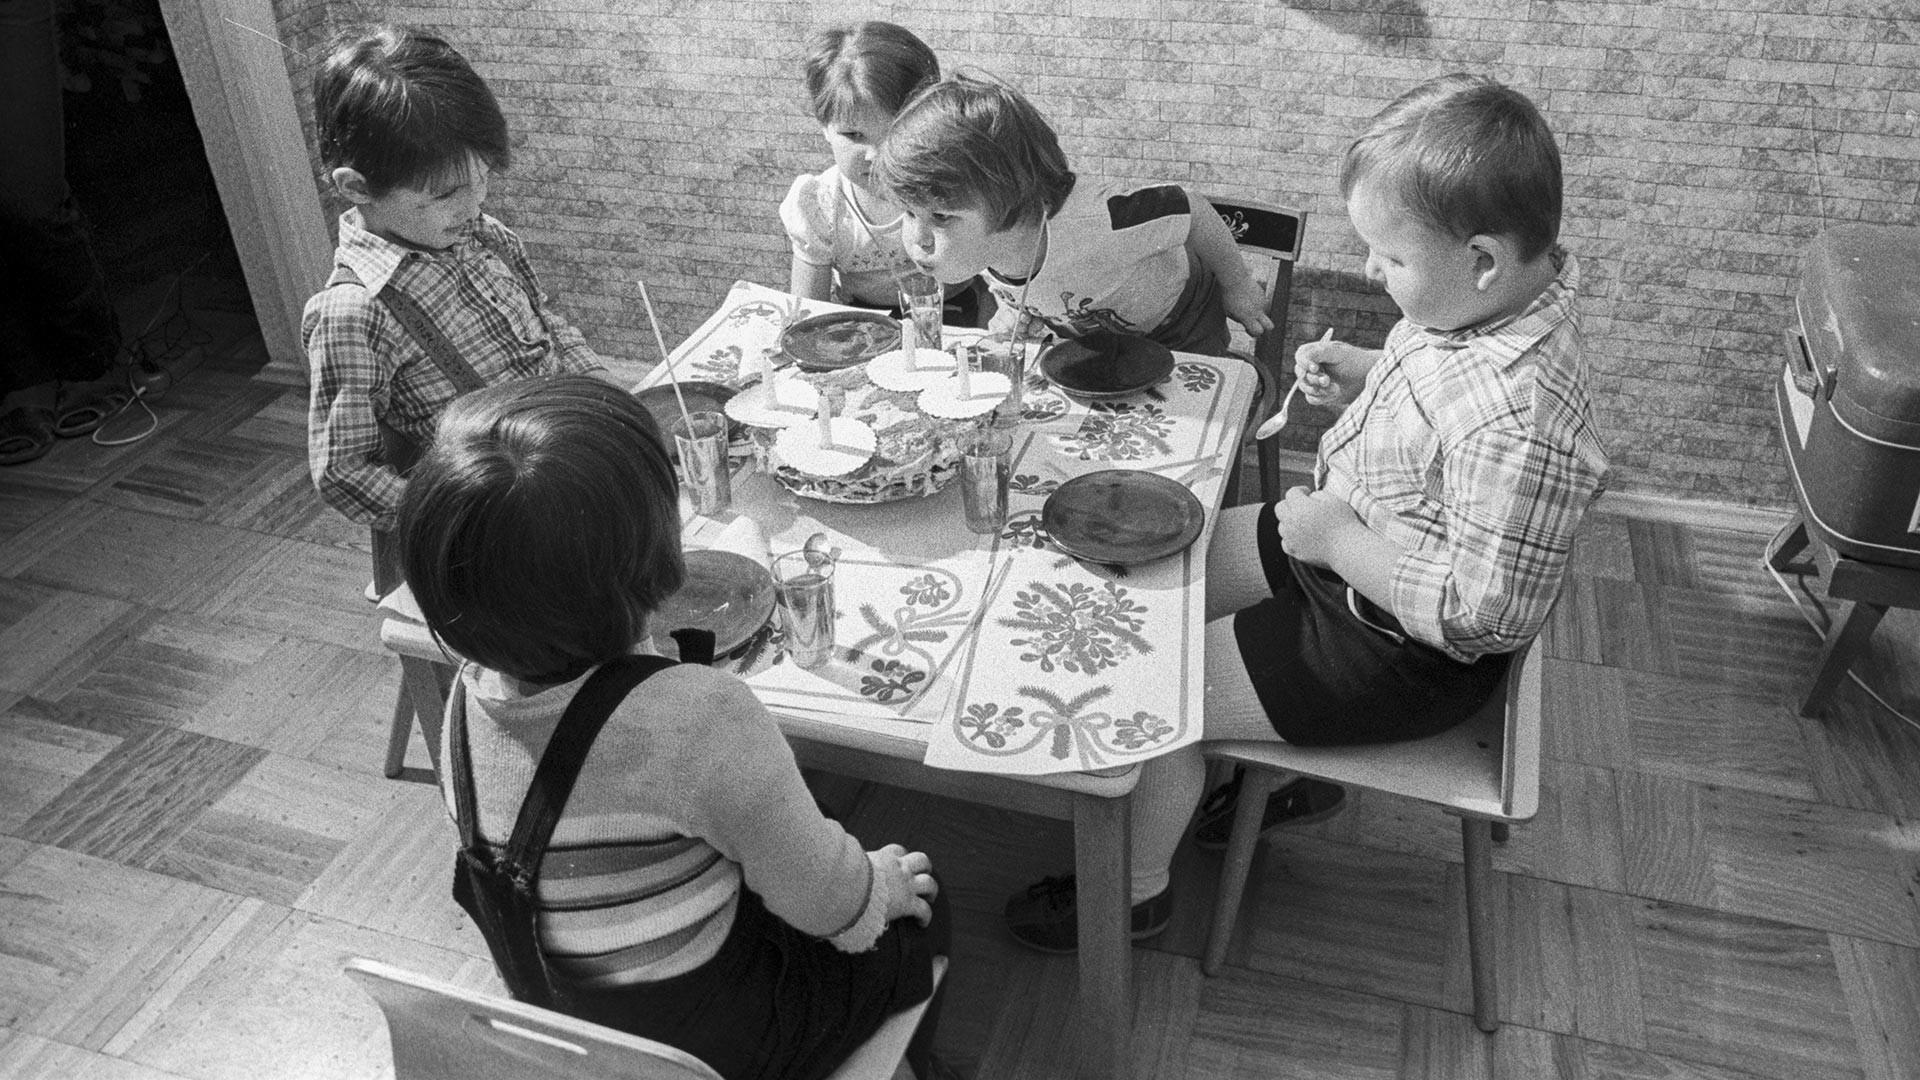 Альоша (син на Александър Бархатов, работник в детското издание на Държавната телевизия и радиоразпространение на СССР), духа свещите на торта за рожден ден на четвъртия си рожден ден.